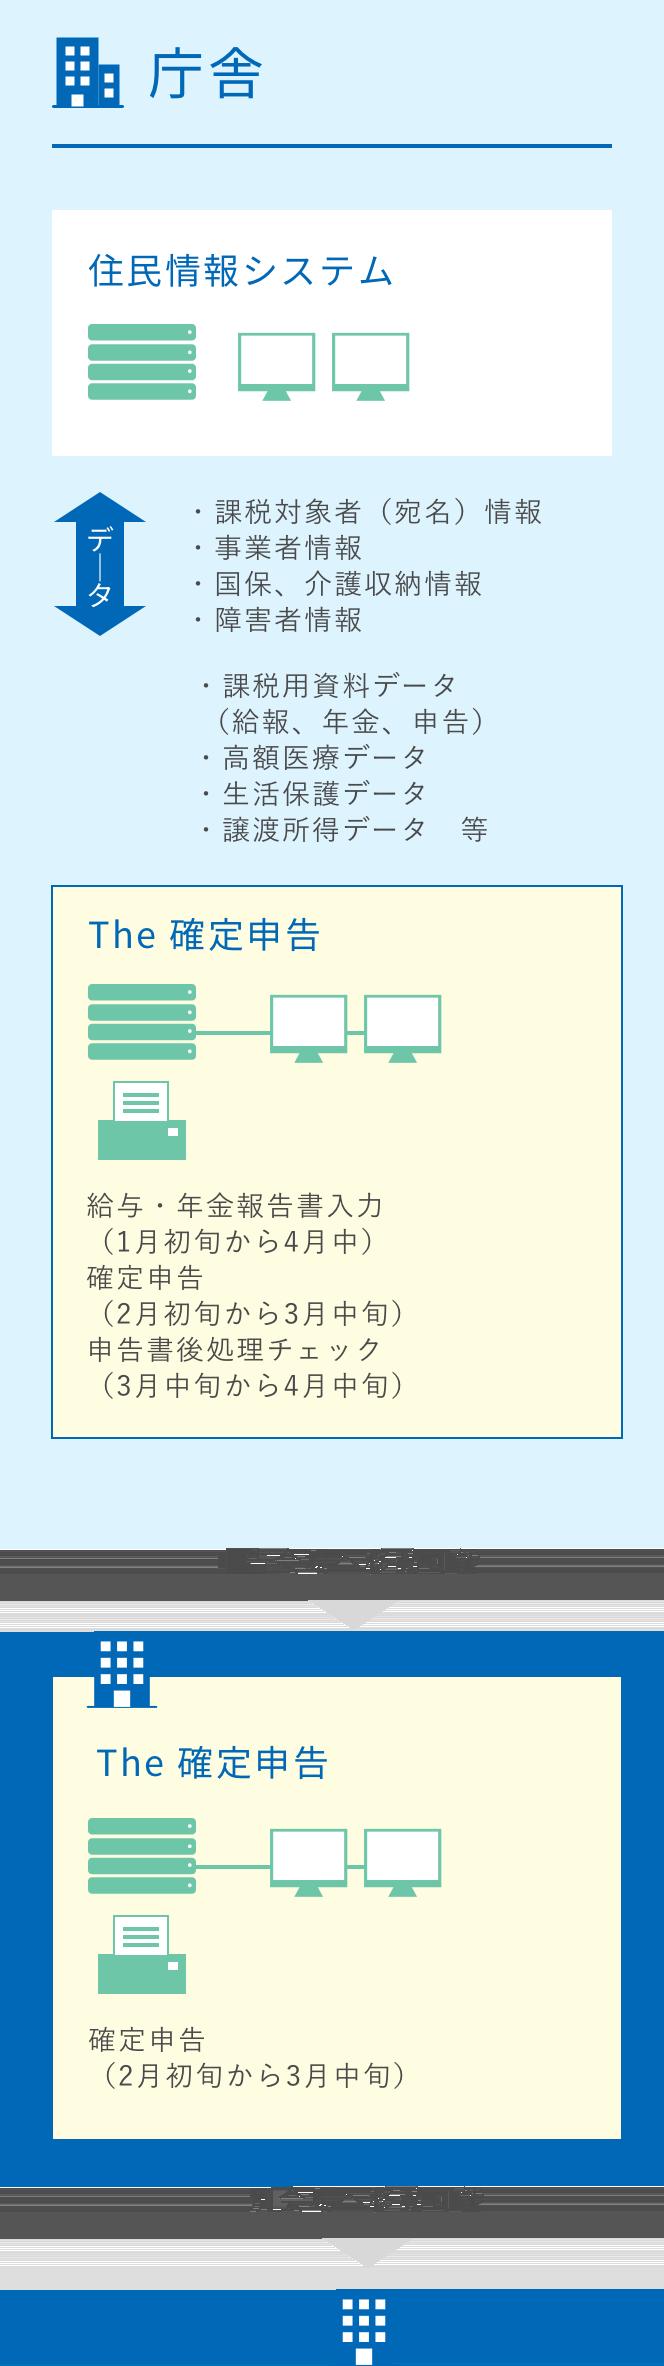 システムの運用例1の図